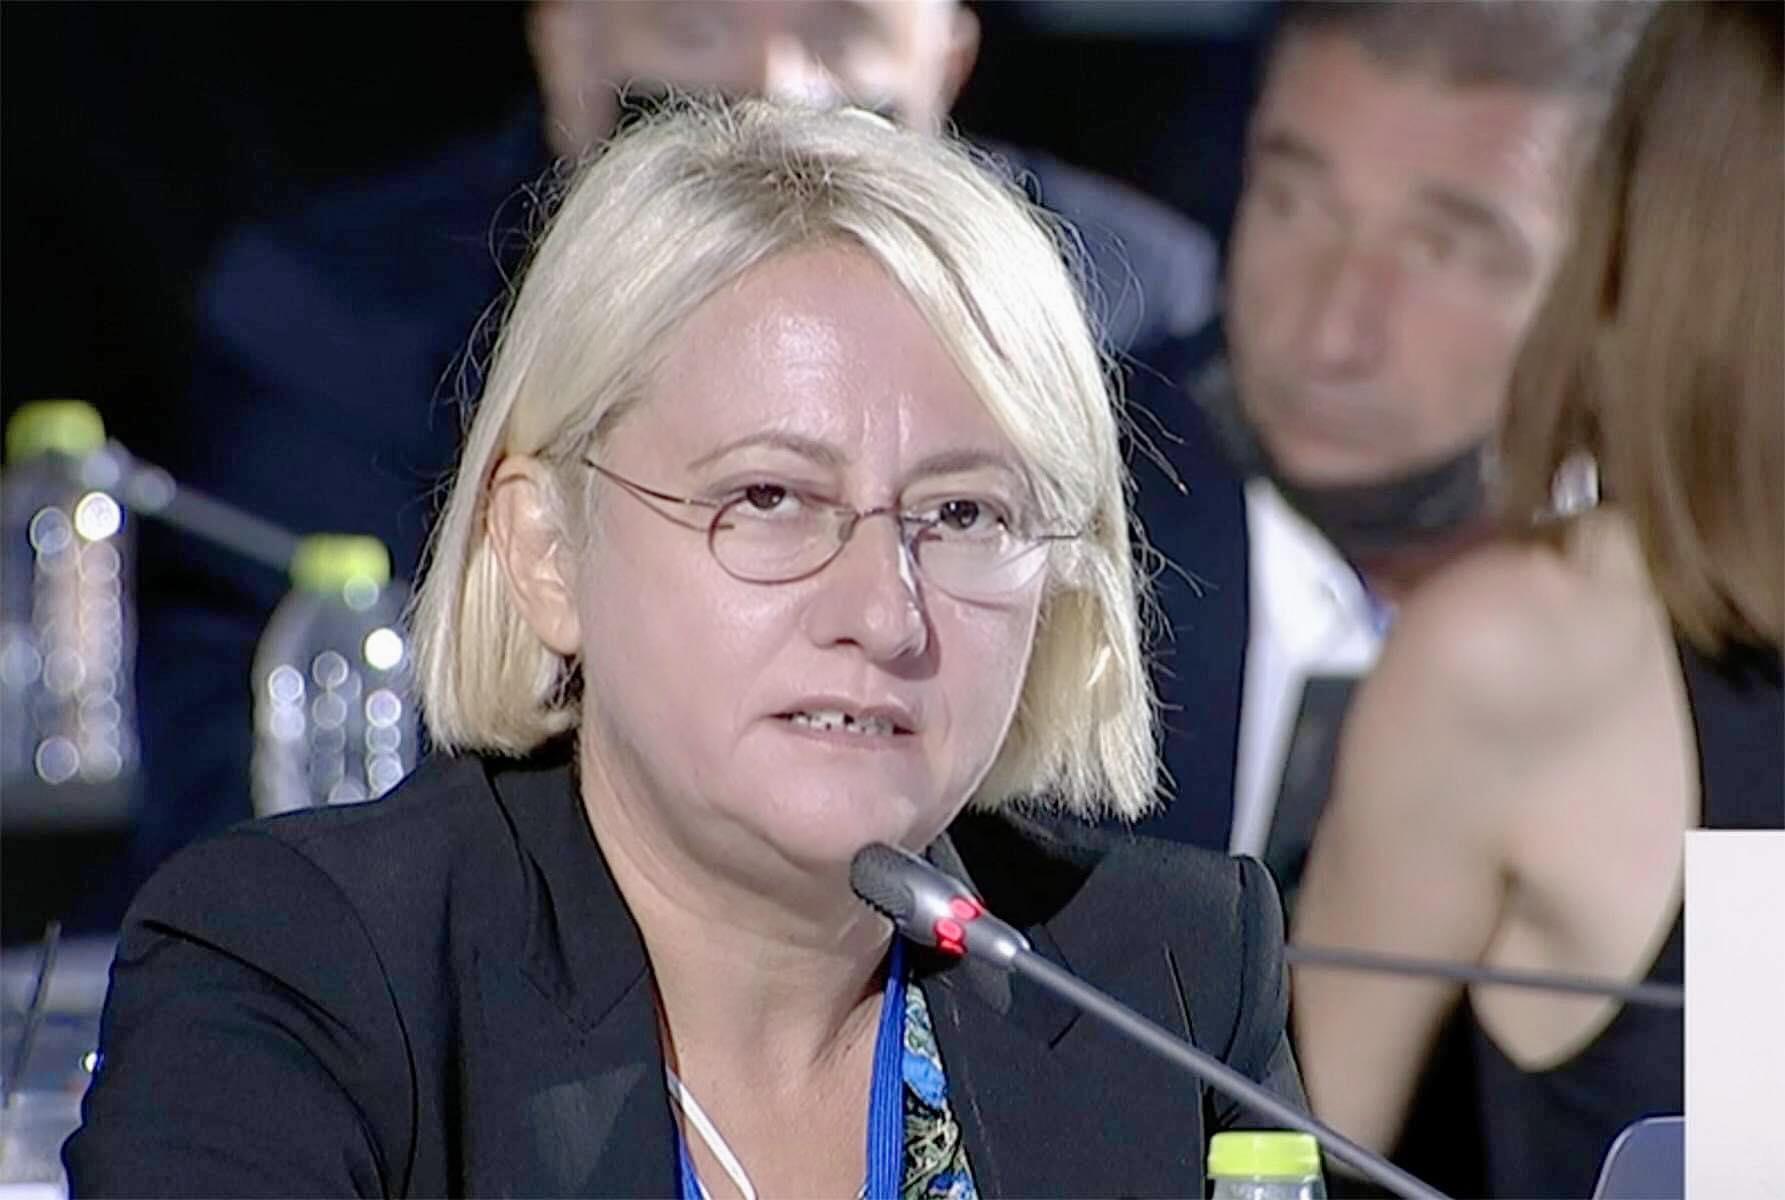 ΔΕΘ 2021 – Συνέντευξη Τύπου Κυριάκου Μητσοτάκη: Η ερώτηση του newsit.gr στον Πρωθυπουργό